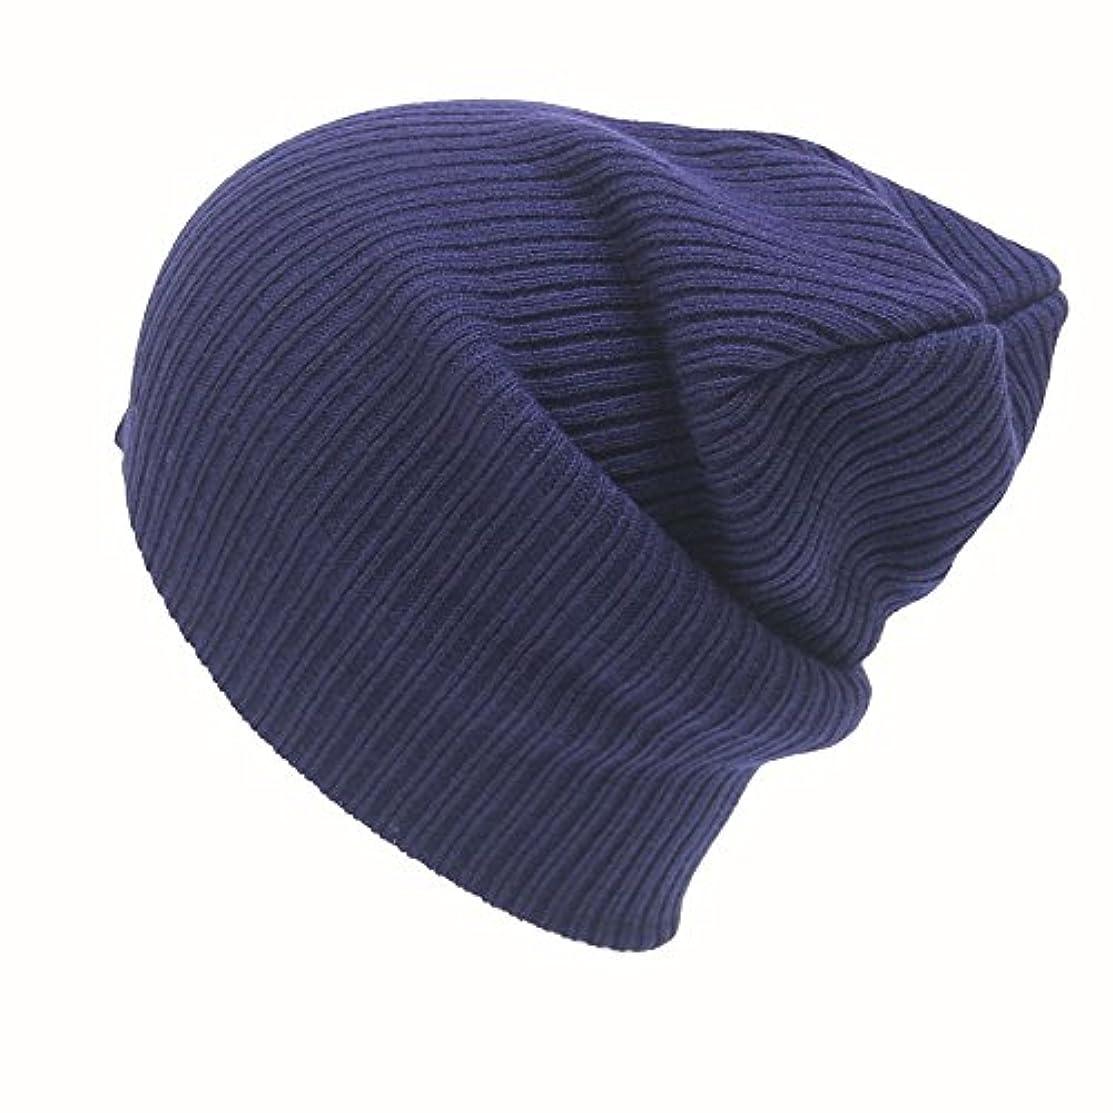 勧める太いアトラスRacazing 選べる7色 ニット帽 編み物 ストライプ ニット帽 防寒対策 通気性のある 防風 暖かい 軽量 屋外 スキー 自転車 クリスマス Hat 男女兼用 (ネービー)